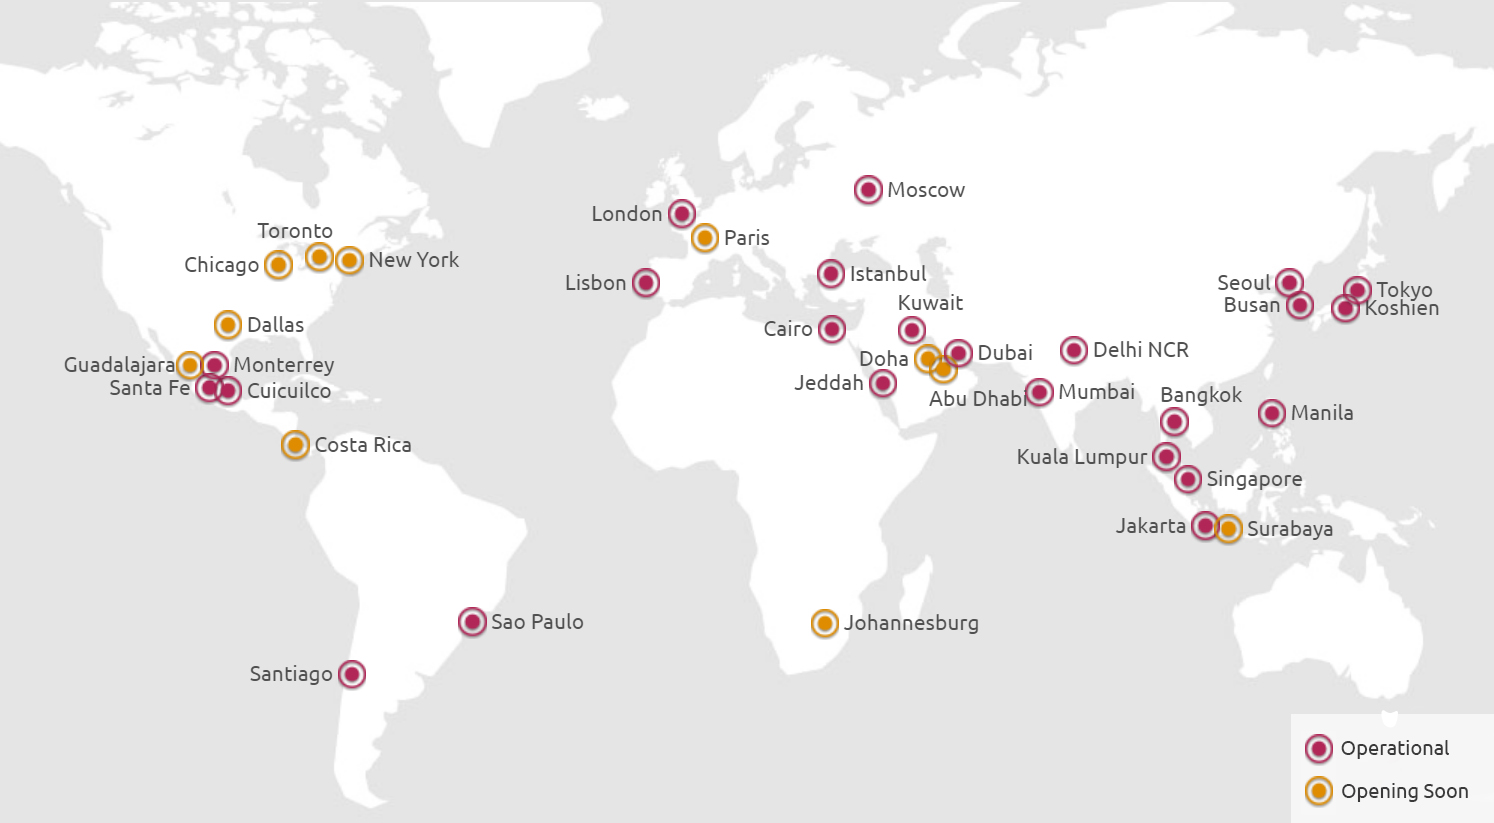 KidZania World Map